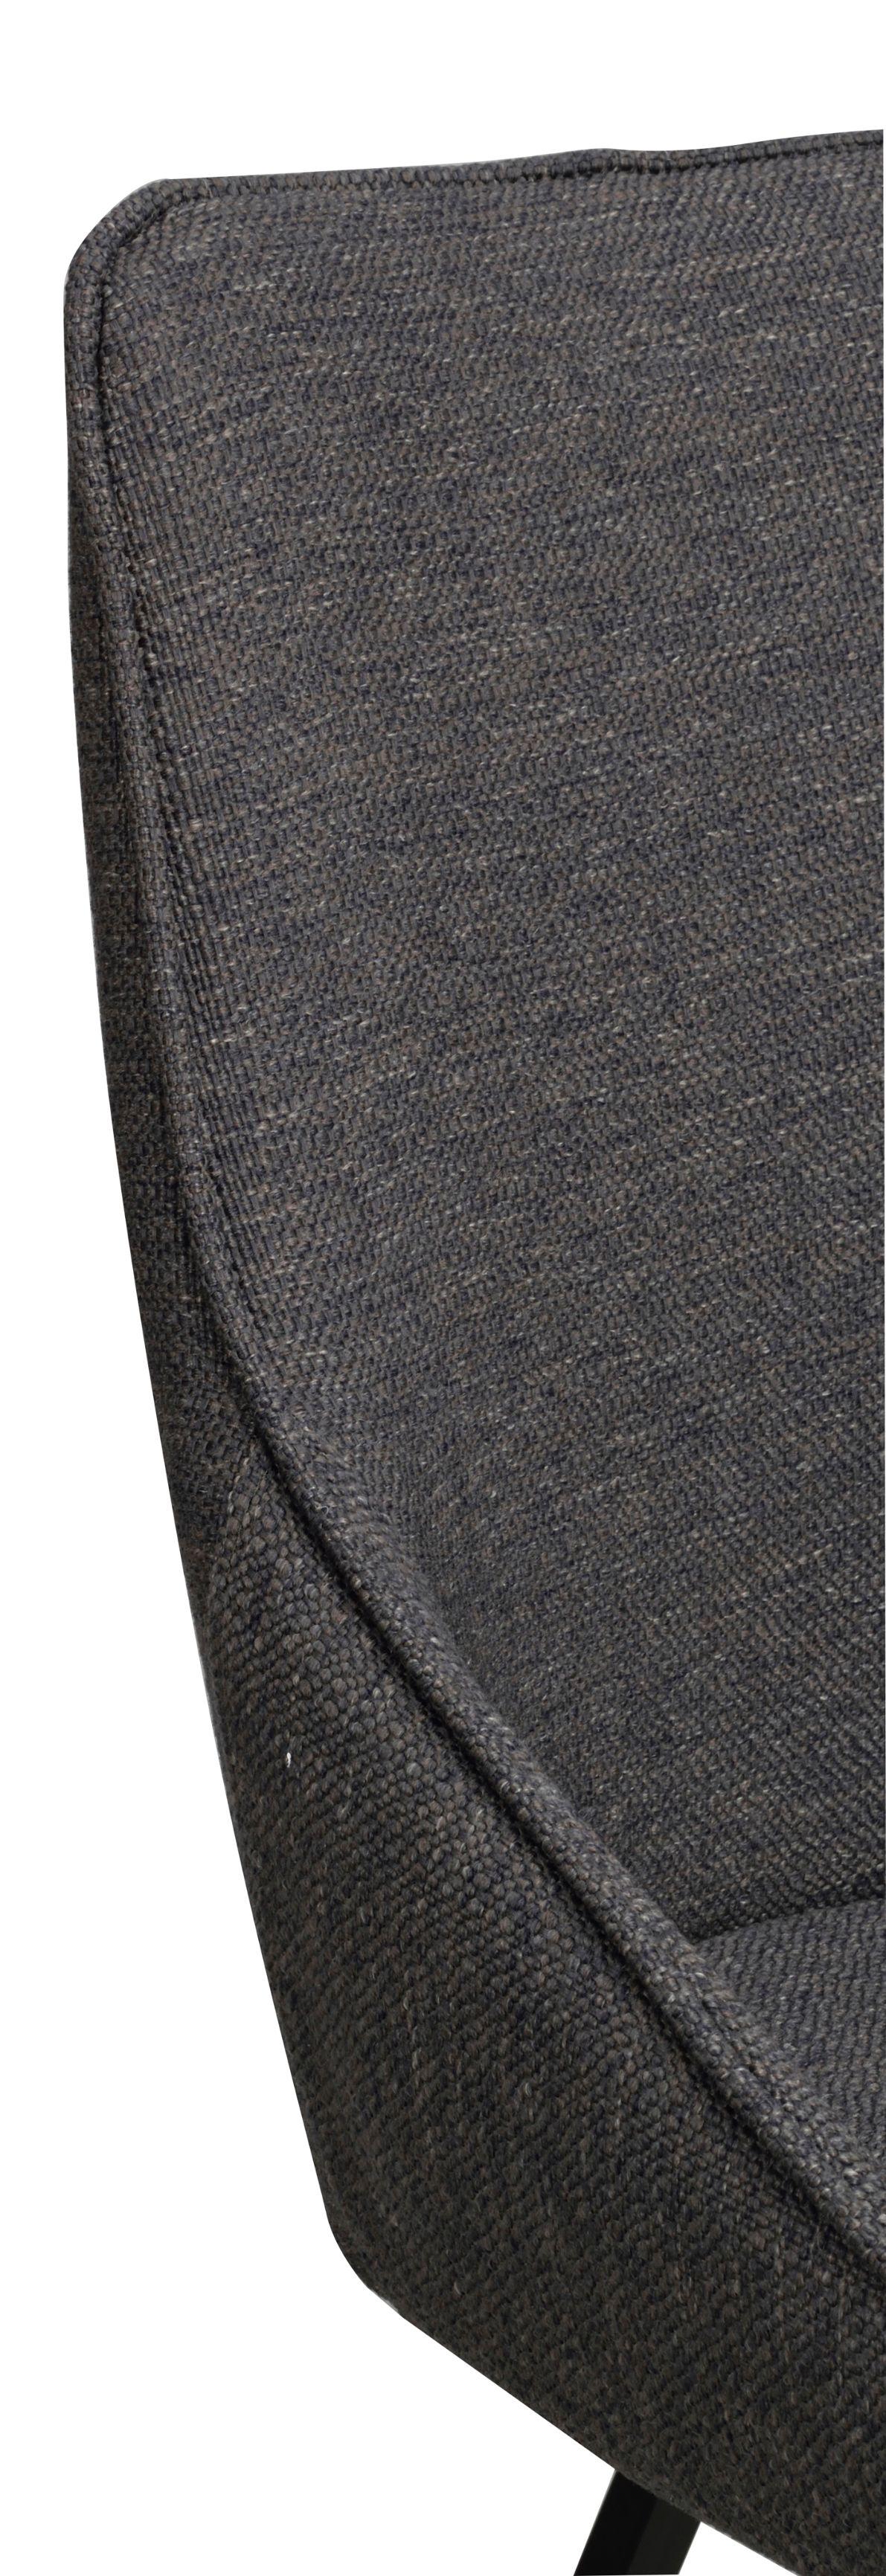 BROOKLYN ALISON GREY/BLACK SWIVEL CHAIR